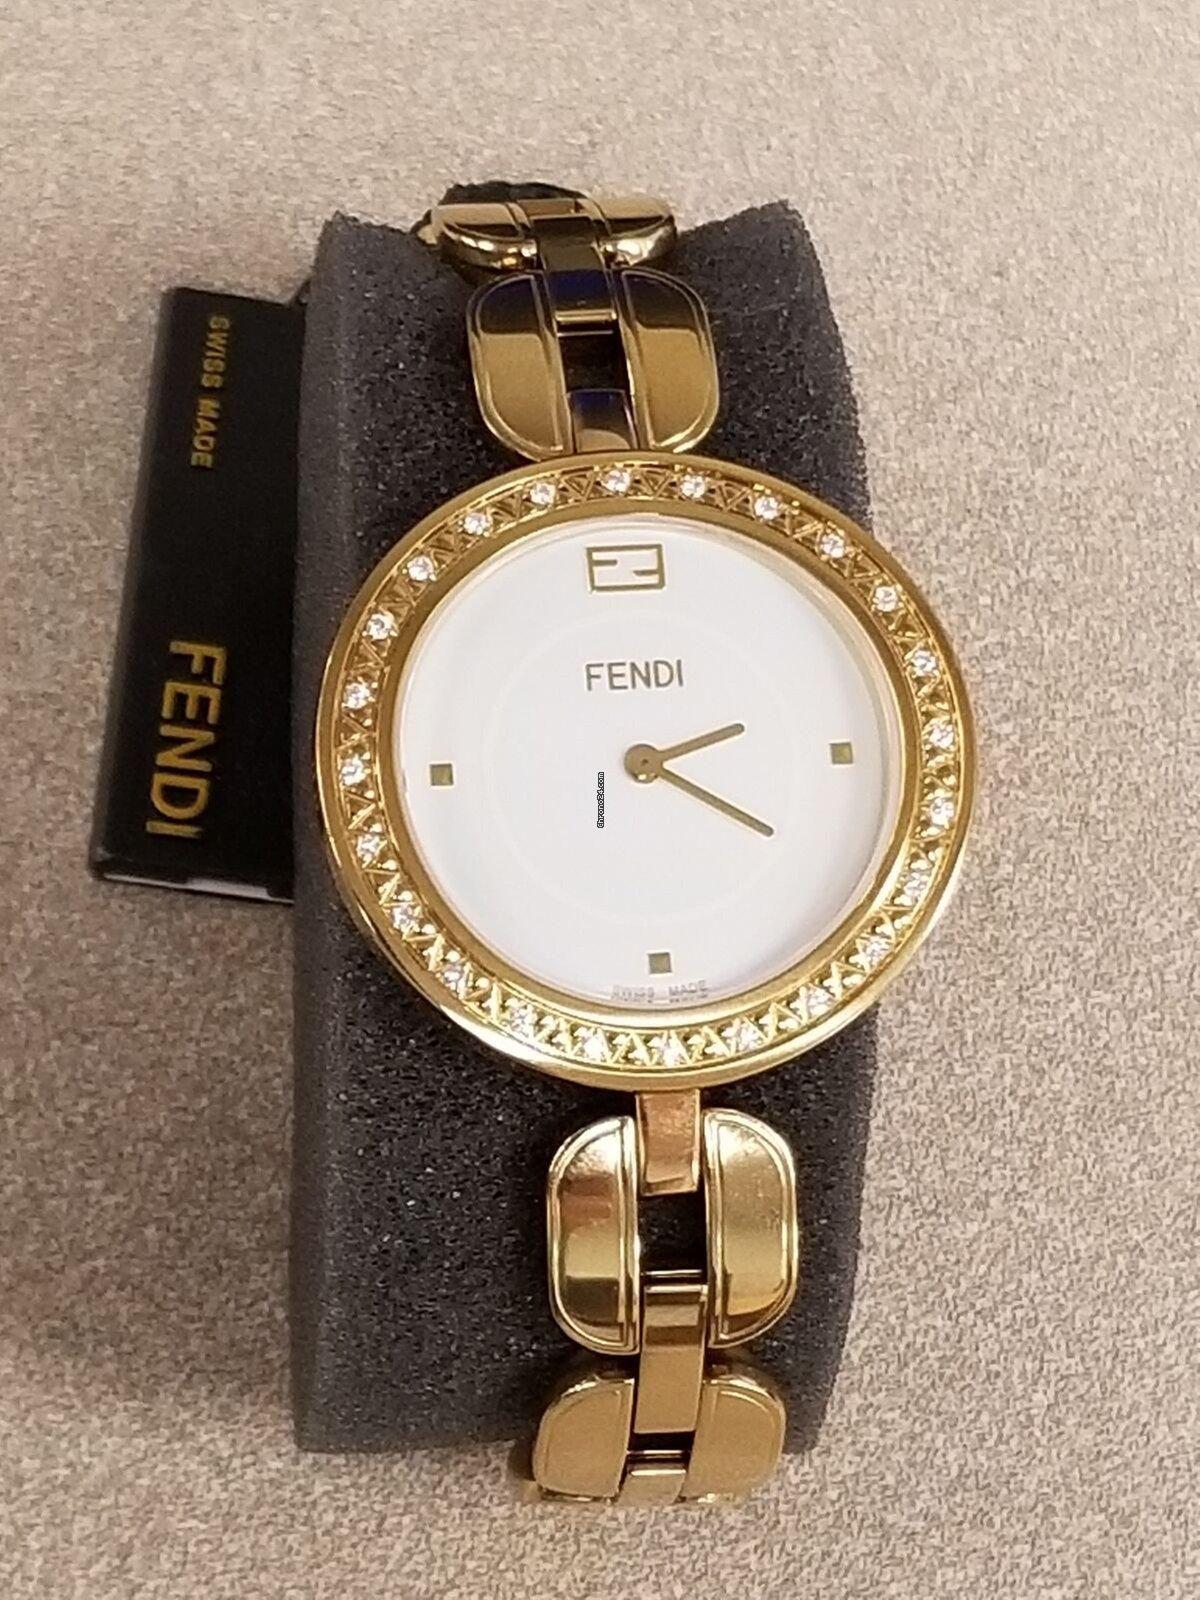 435fbc733fd9 Fendi My Way Large Ladies Watch F351434000b0 en venta por Precio a petición  por parte de un Seller de Chrono24